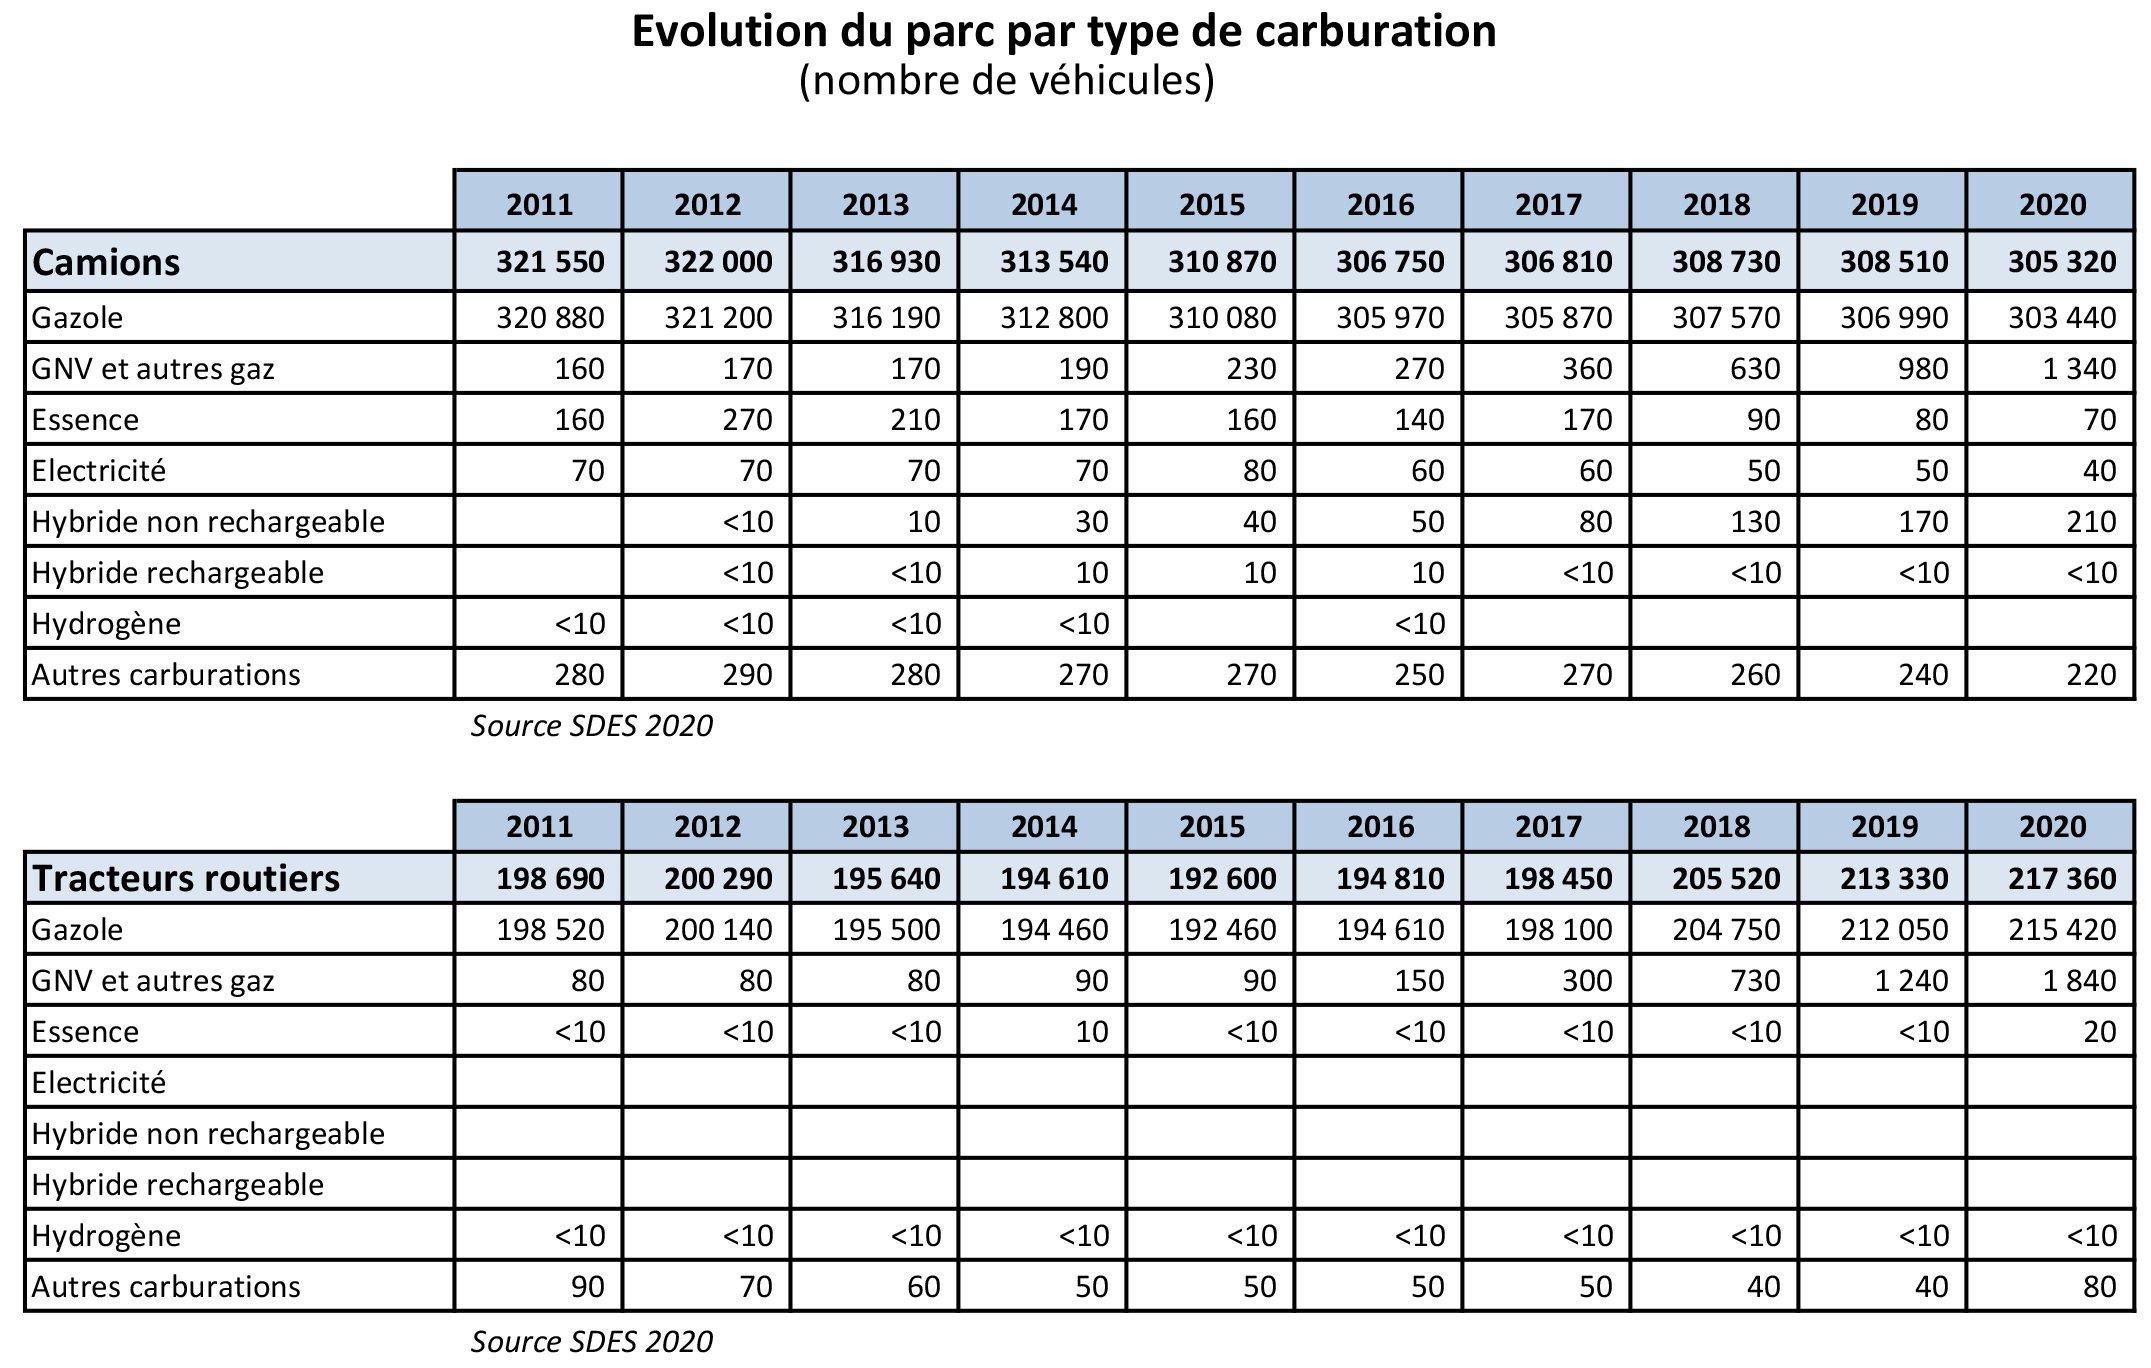 tableau-parc-vehicule-par-type-carburation-SDES2020